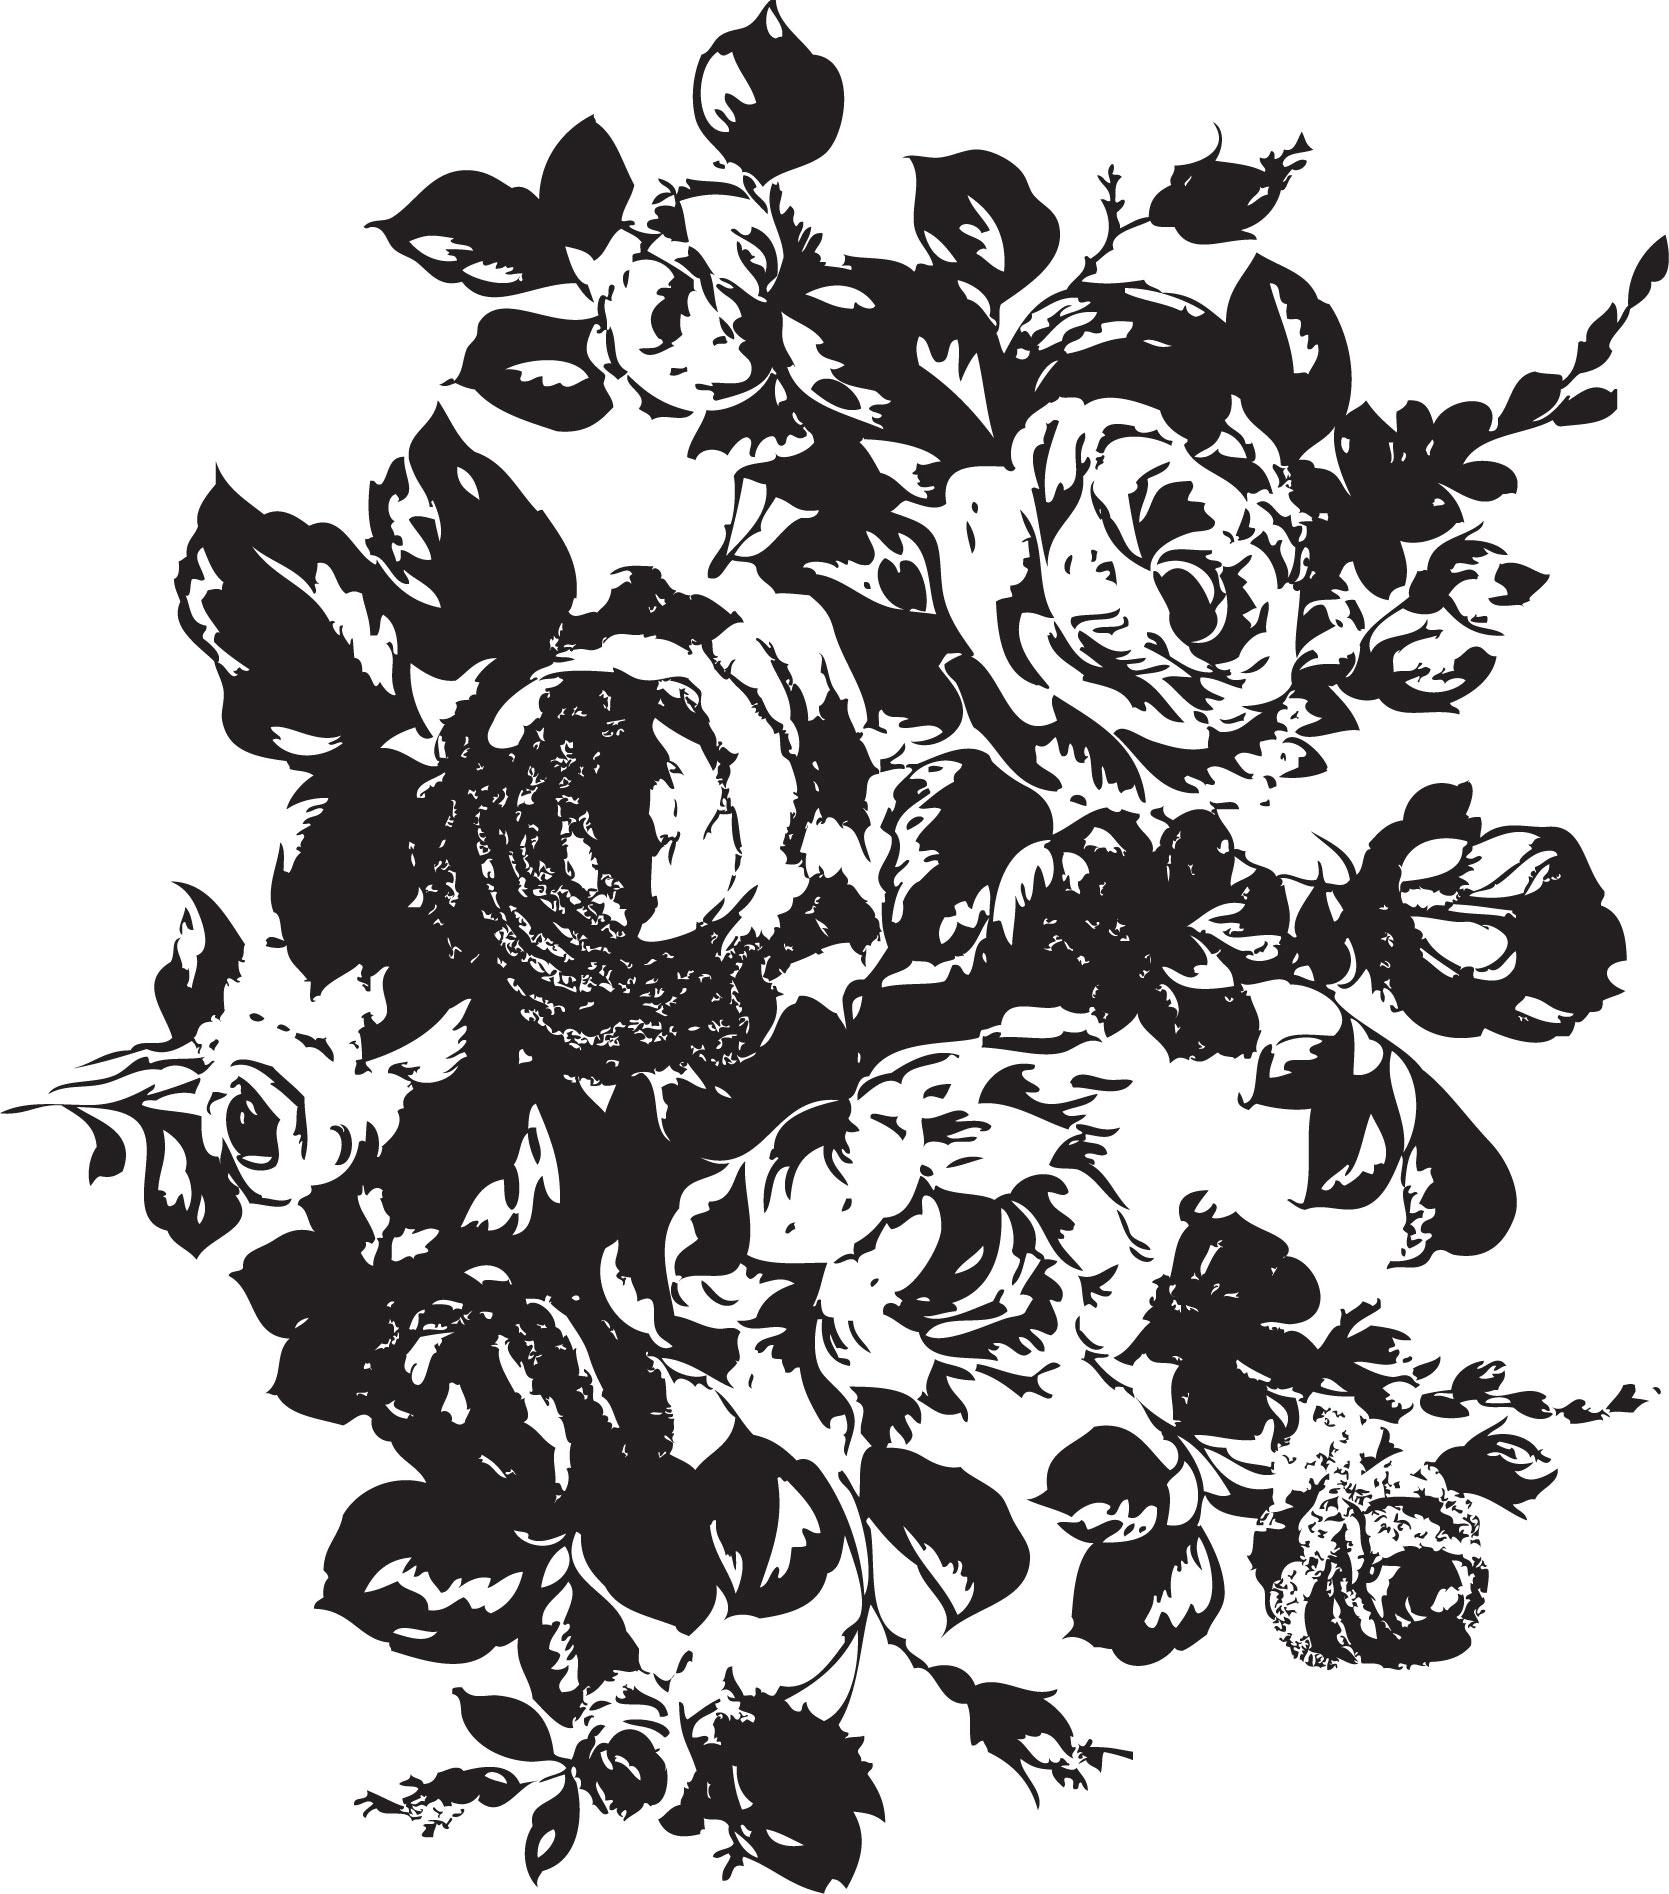 すべての講義 あじさいの絵 : 白黒・モノクロな花イラスト ...